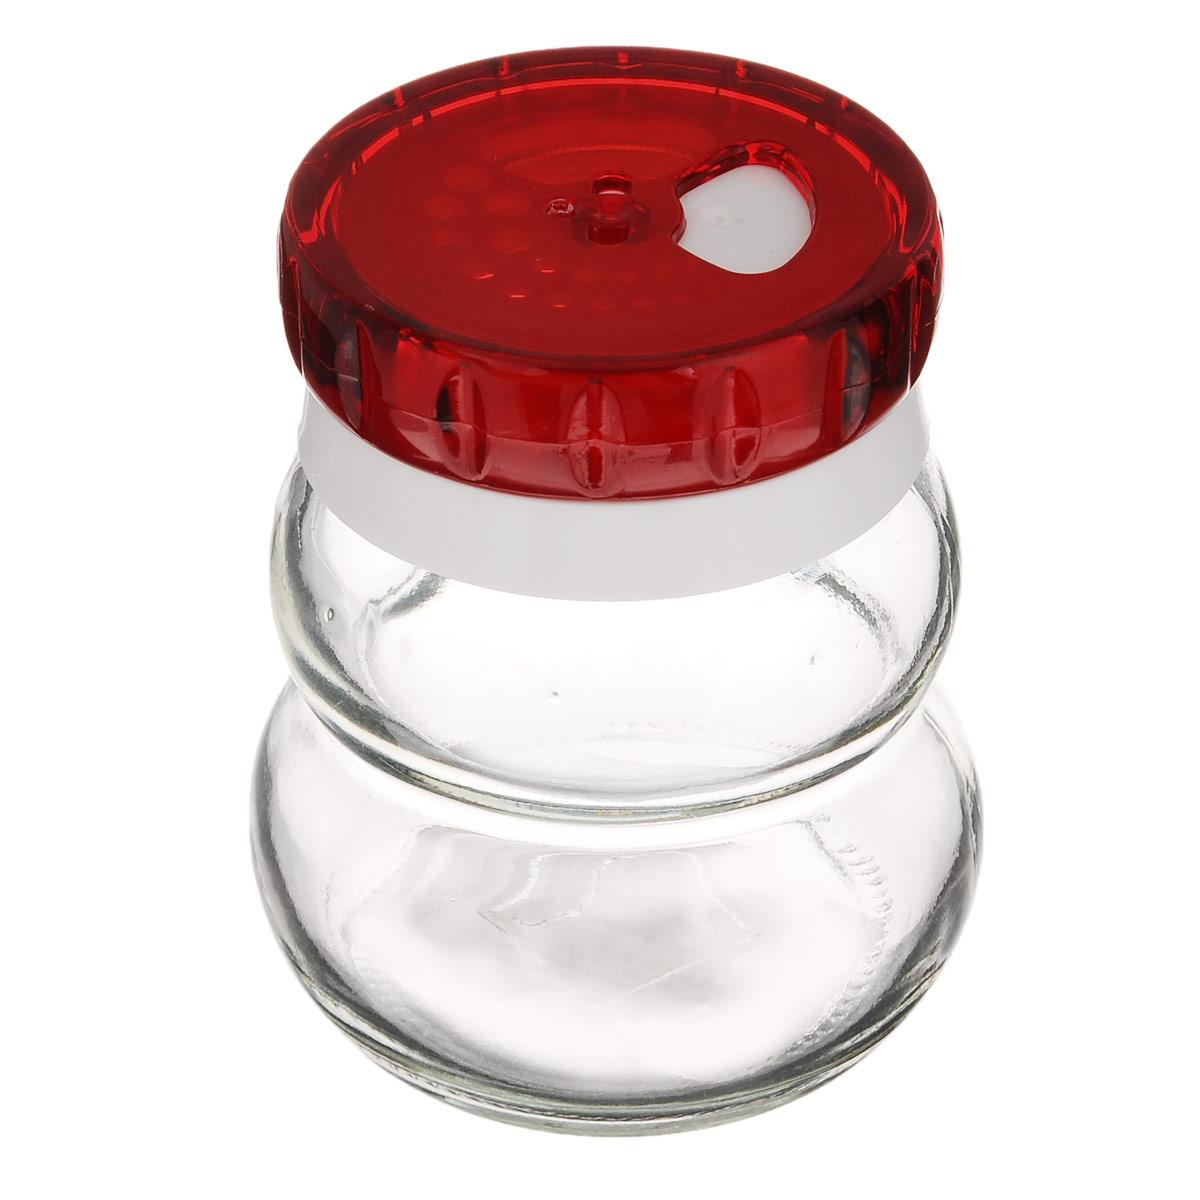 Банка для специй Herevin, цвет: красный, 200 мл. 131007-000SC-FD421004Банка для специй Herevin выполнена из прозрачного стекла и оснащена пластиковой цветной крышкой с отверстиями разного размера, благодаря которым, вы сможете приправить блюда, просто перевернув банку. Крышка снабжена поворотным механизмом, благодаря которому вы сможете регулировать степень подачи специй. Крышка легко откручивается, благодаря чему засыпать приправу внутрь очень просто. Такая баночка станет достойным дополнением к вашему кухонному инвентарю. Можно мыть в посудомоечной машине.Диаметр (по верхнему краю): 4 см.Высота банки (без учета крышки): 7,5 см.